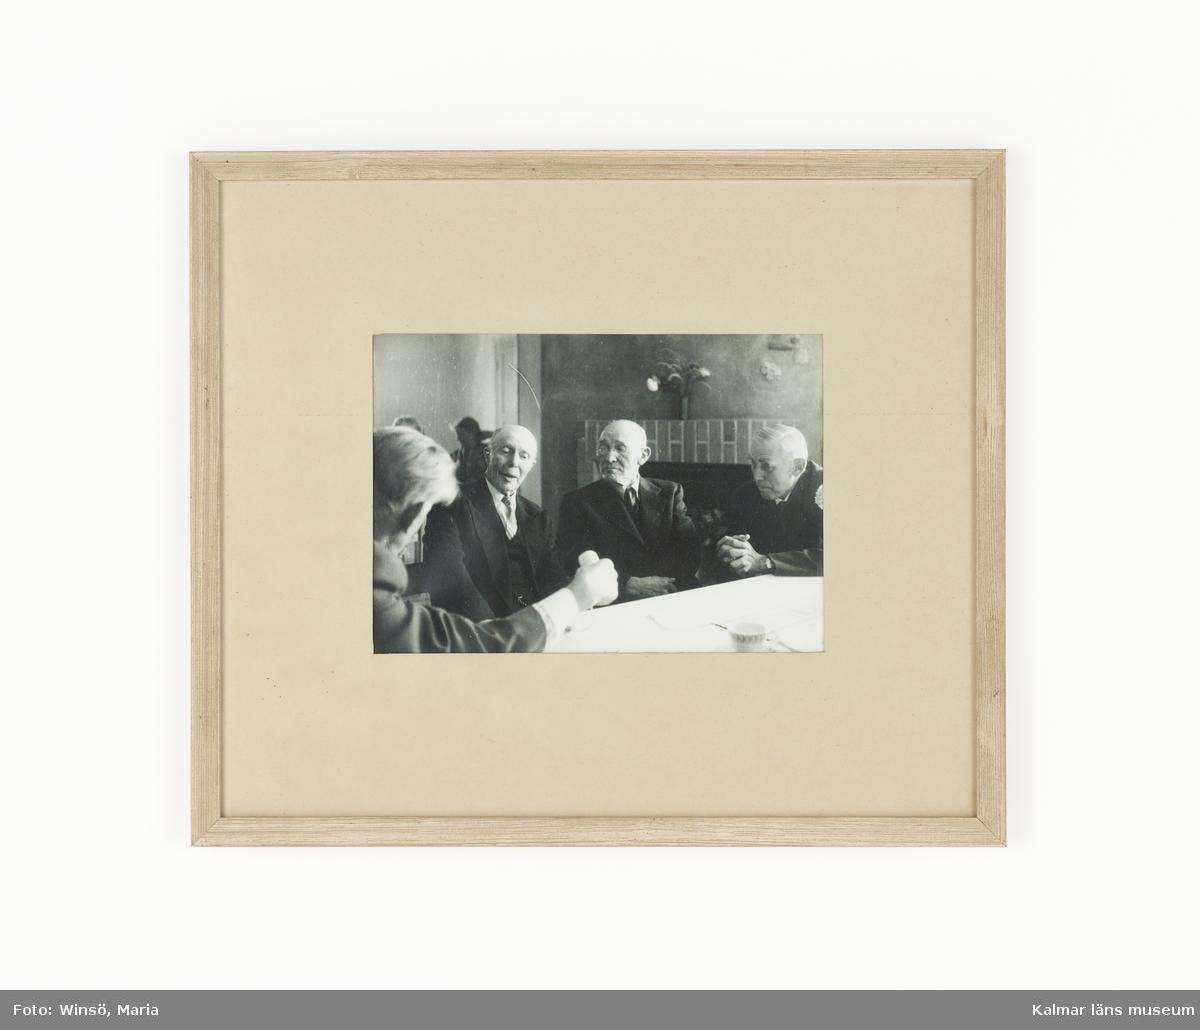 KLM 45619:85. Fotografi, i ram, papper, glas, trä. Inglasat foto med träram. Gustaf Ahlm med tre äldre herrar. Handskriven text på baksidan. Maskinskriven kopia på texten finns i arkivet, KLM 45620: 76.